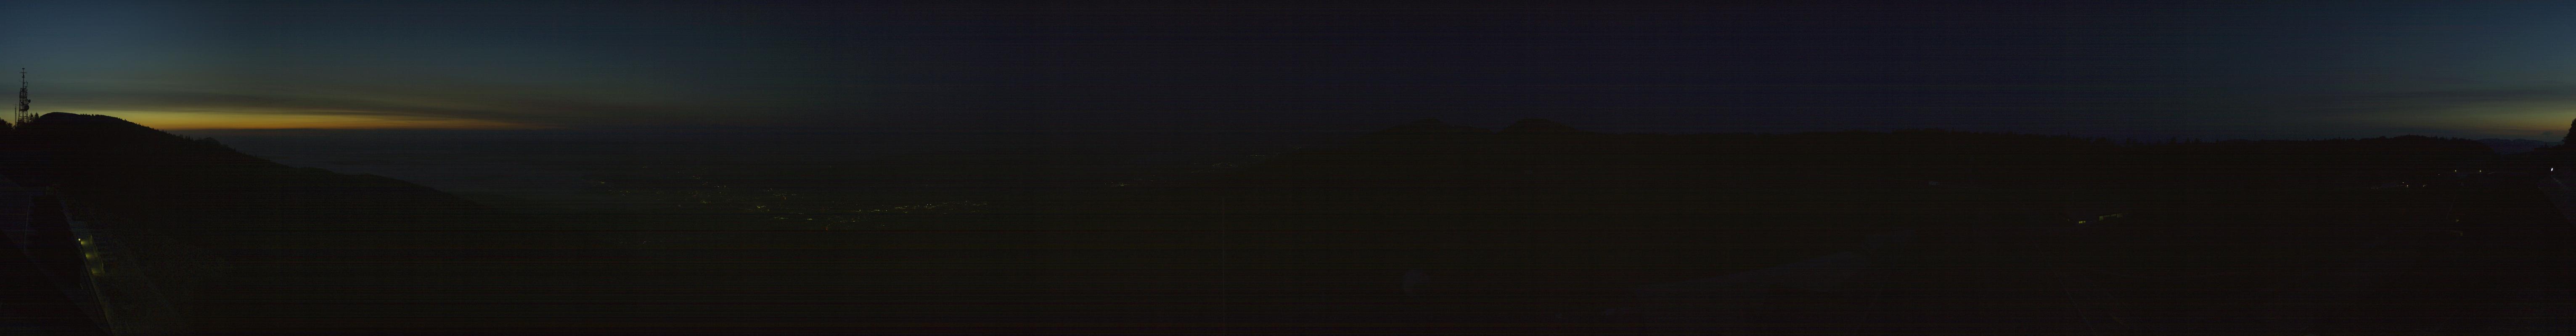 35h ago - 07:30